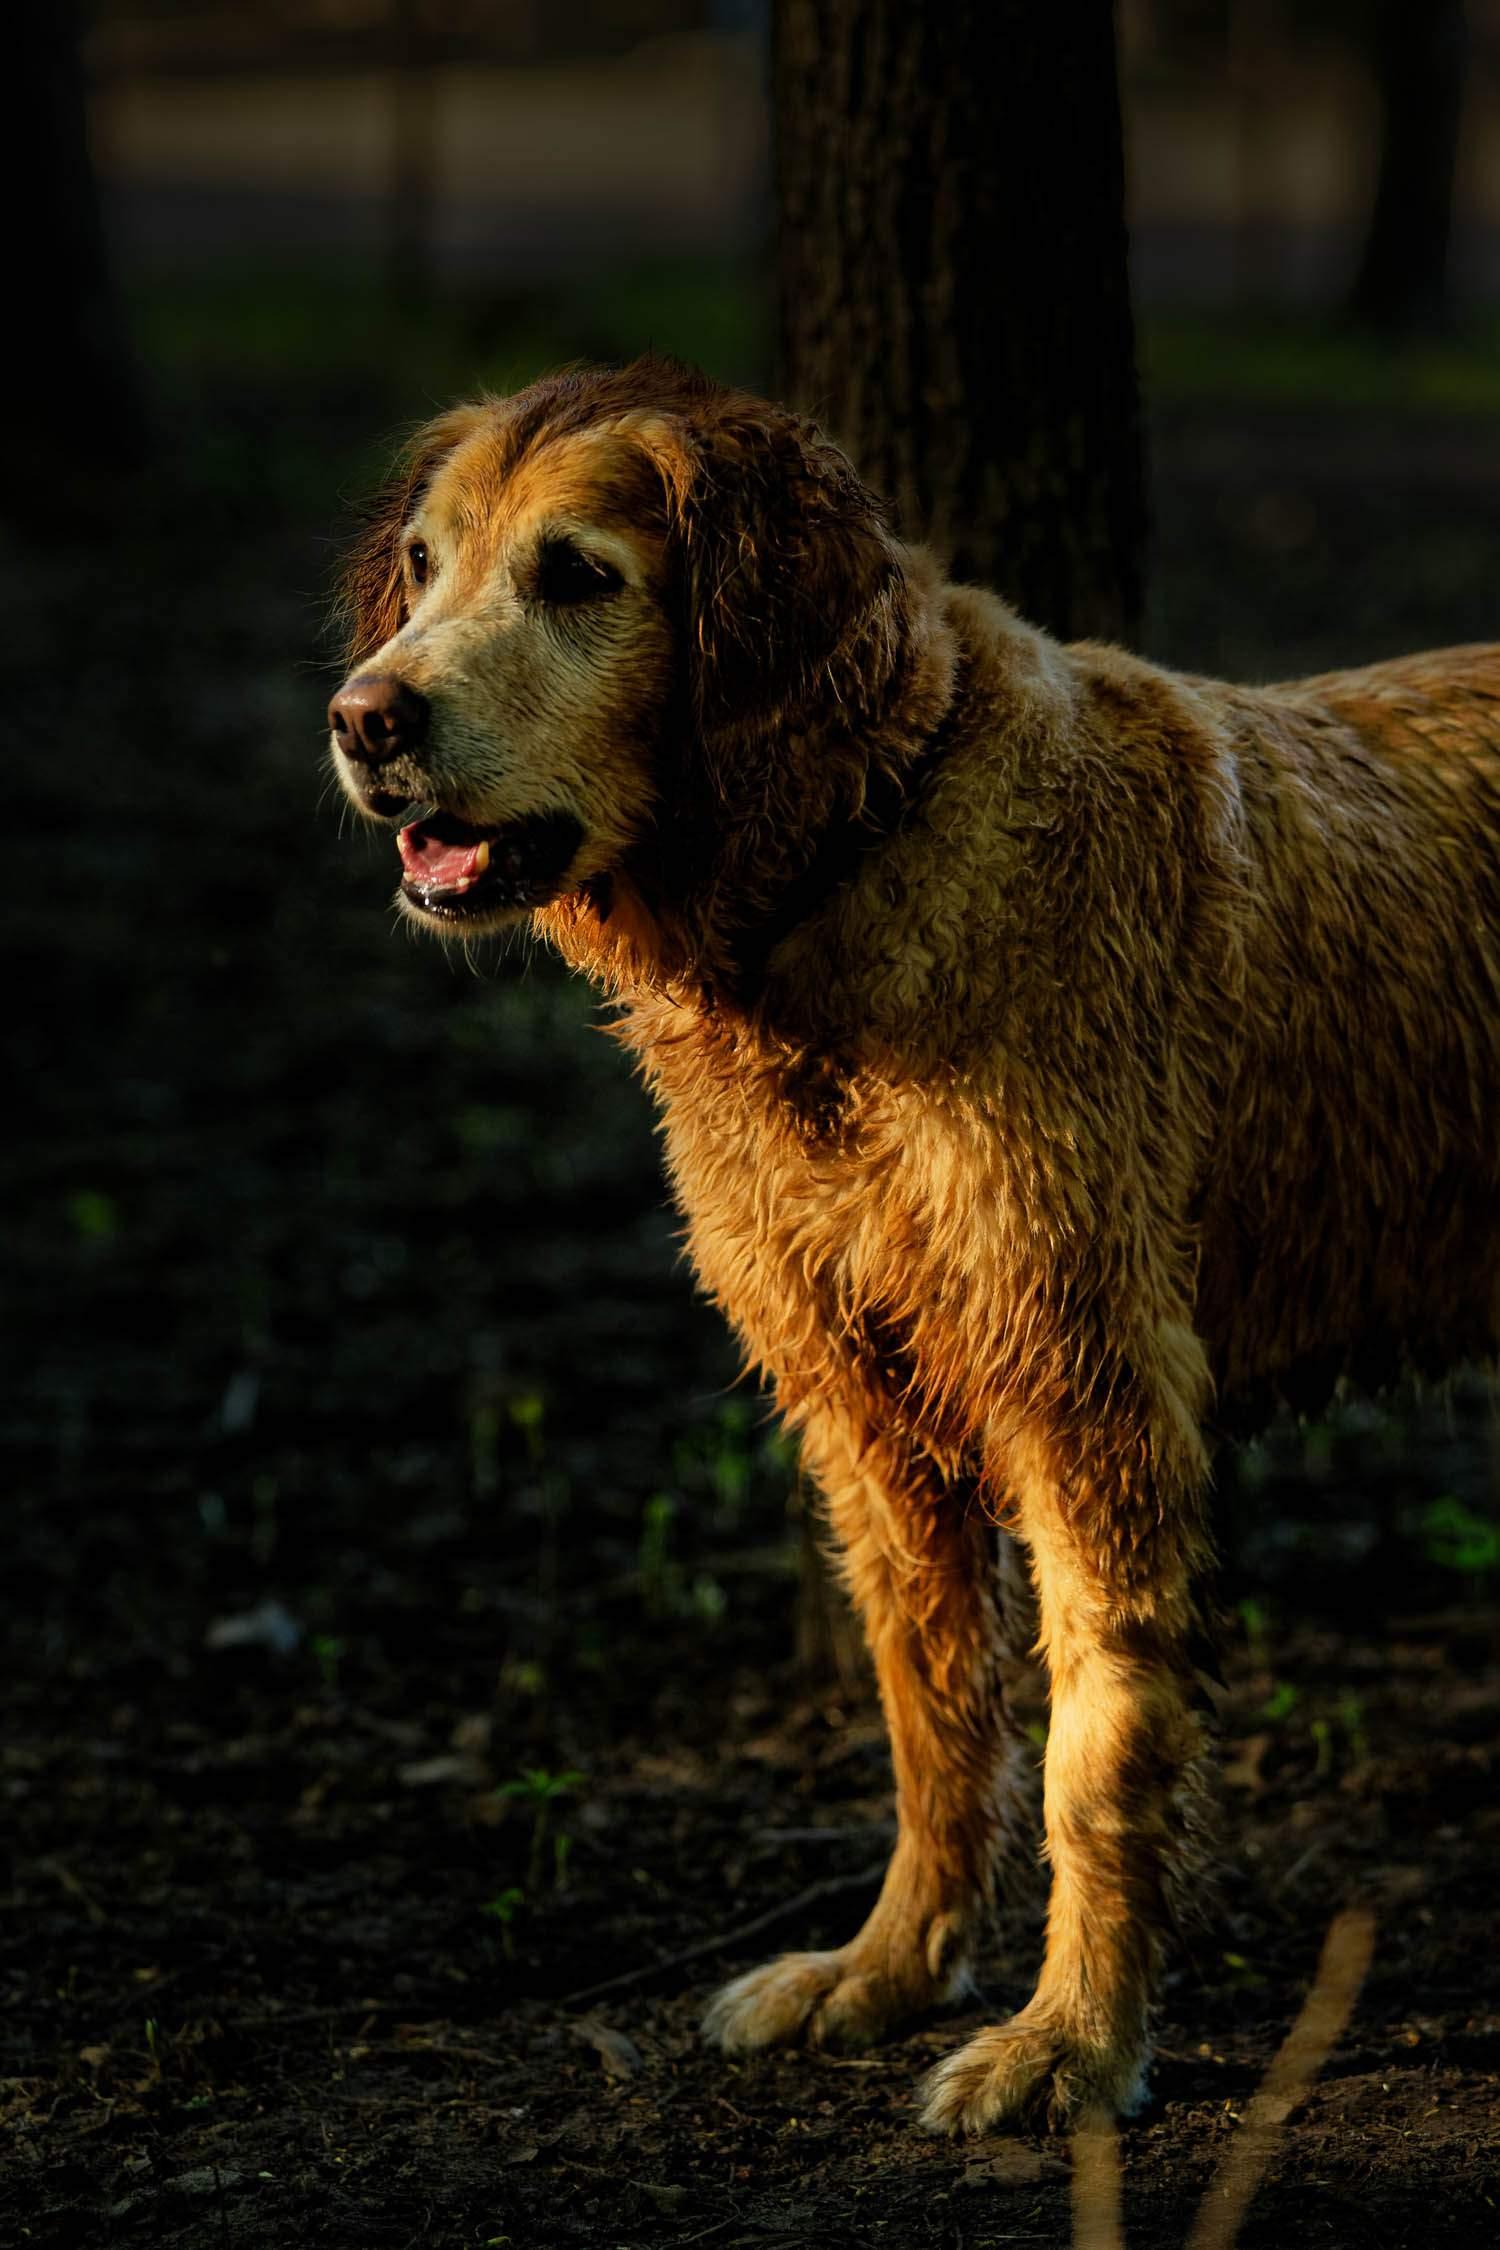 dog at dusk in the sun light